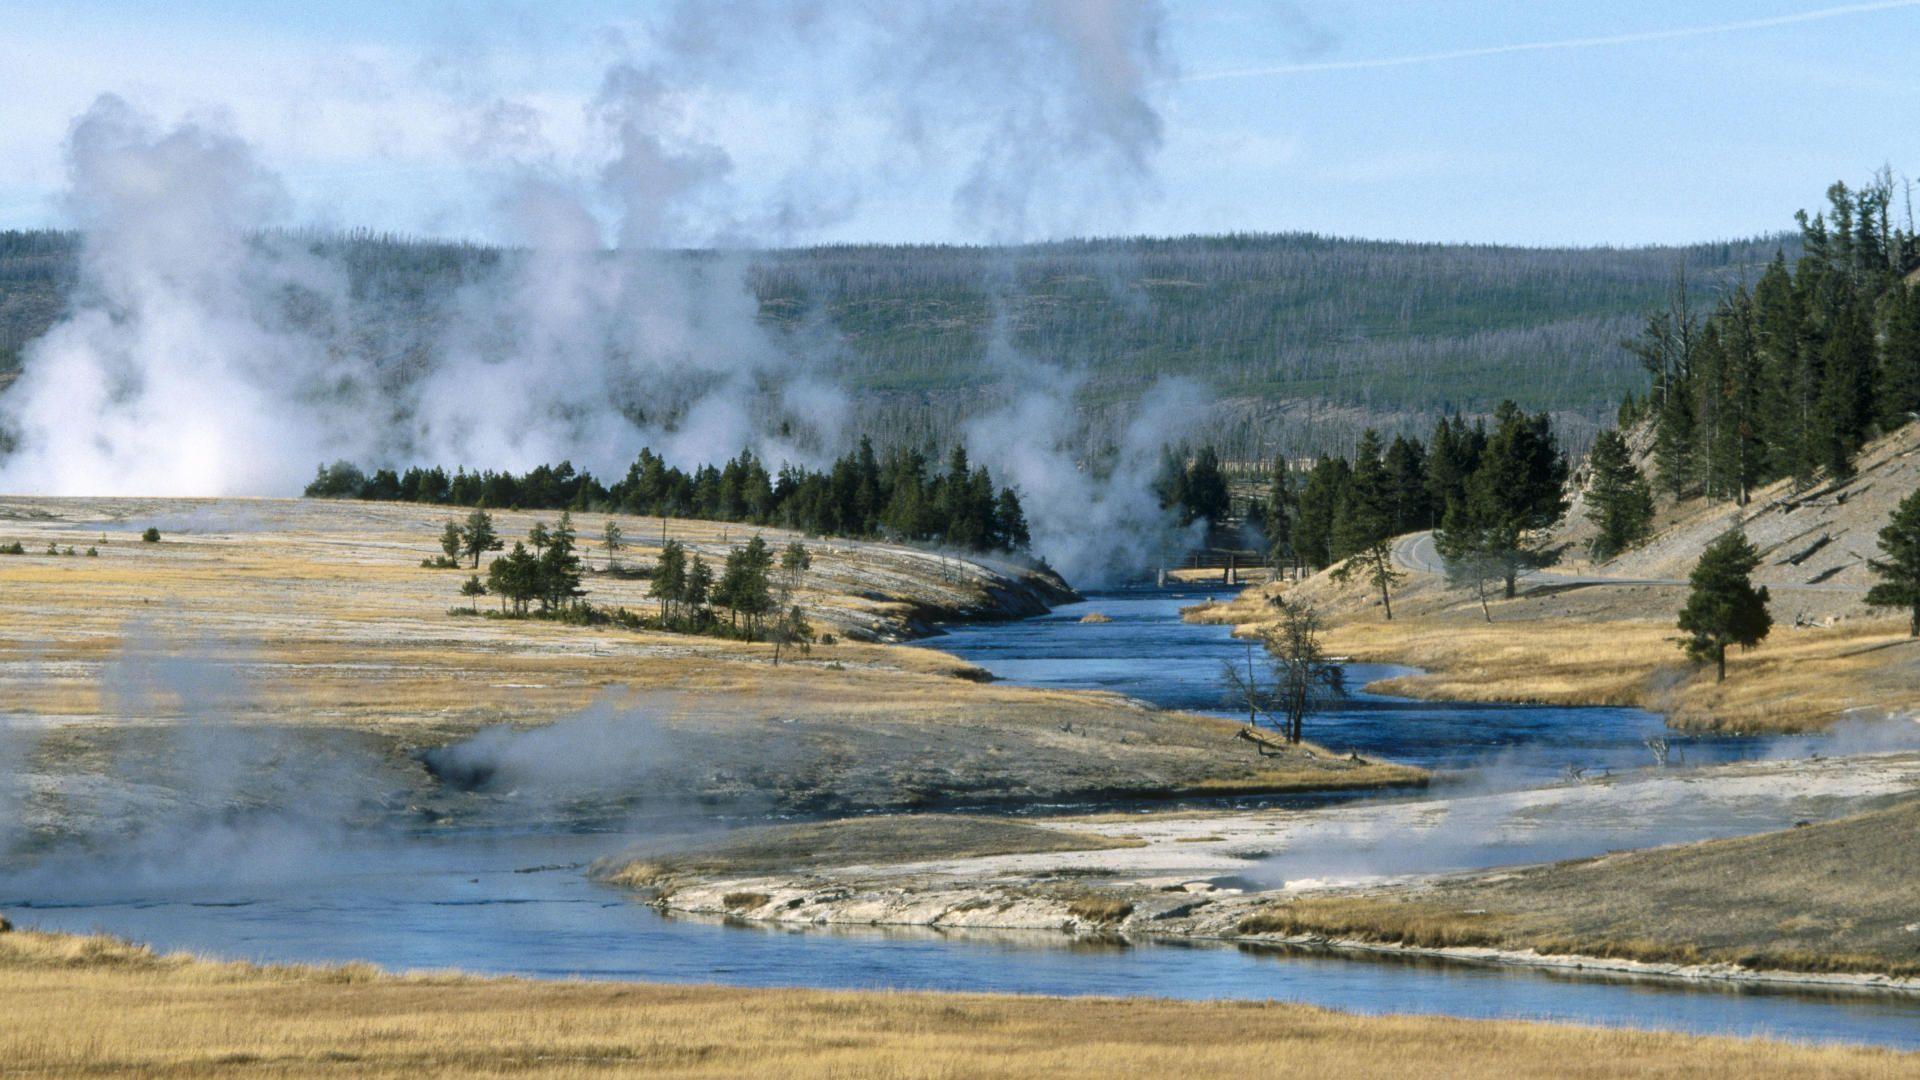 В американском национальном парке Йеллоустон турист растворился в кислоте